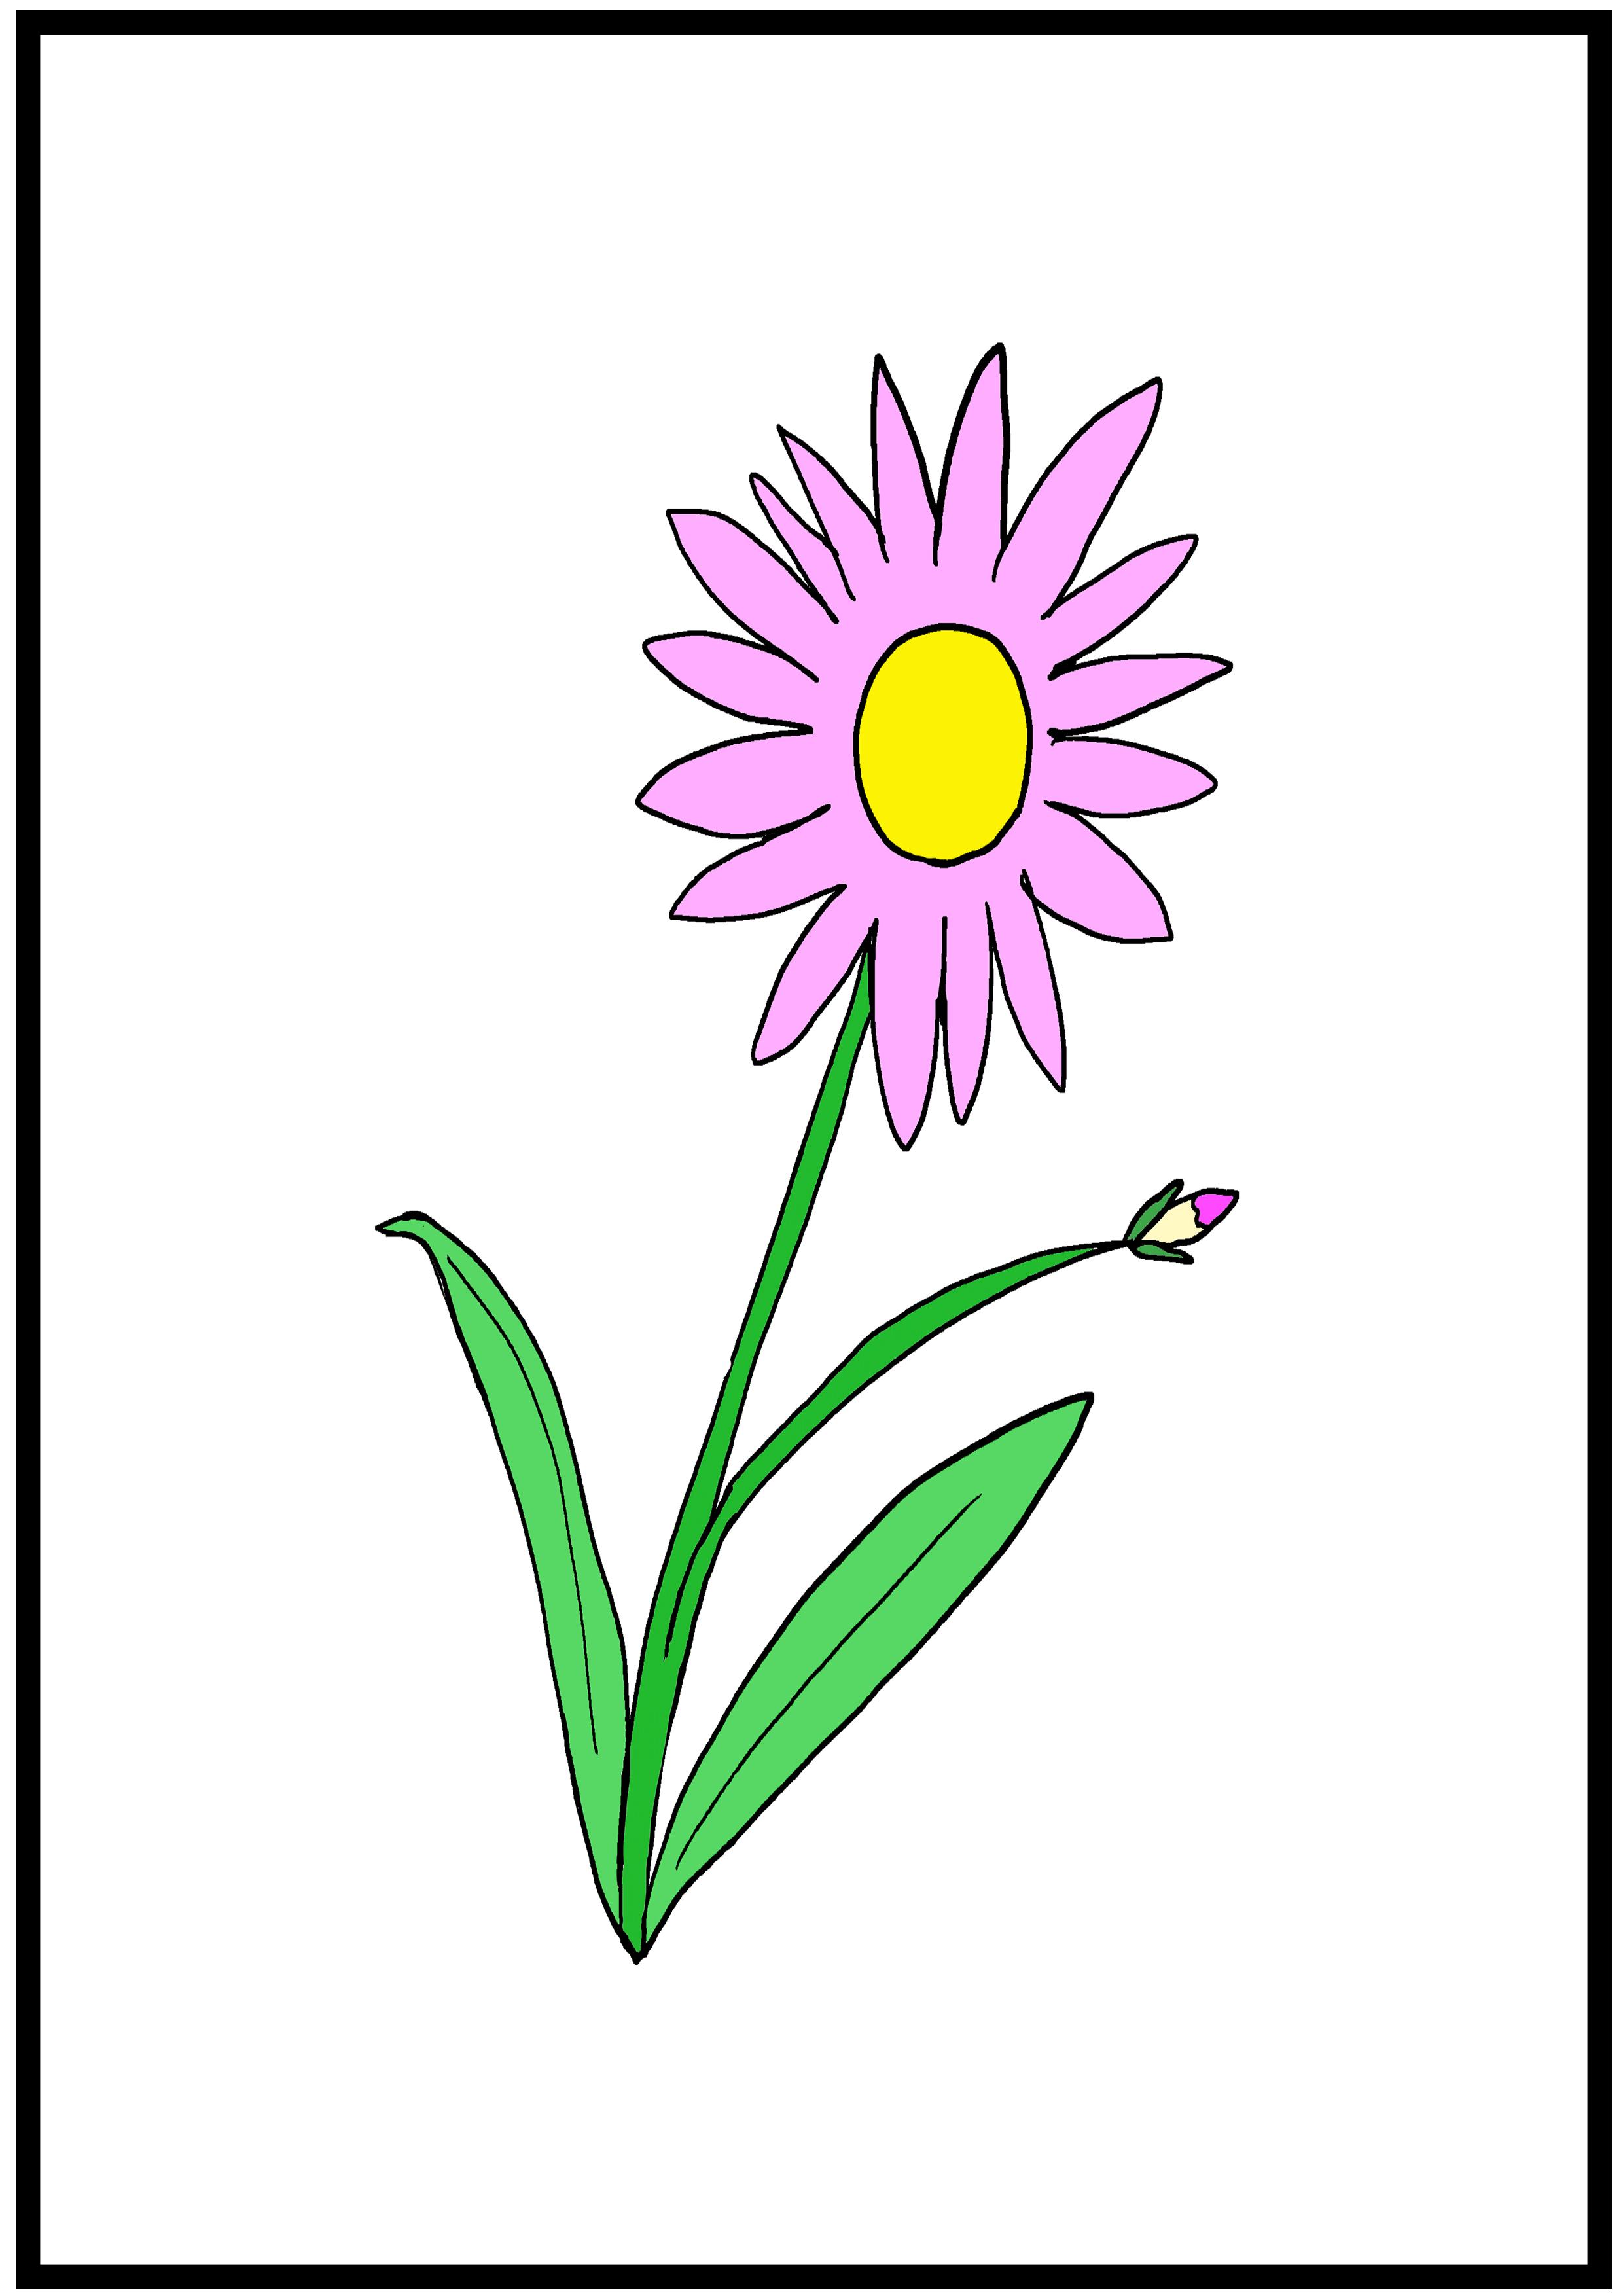 イラスト【花】